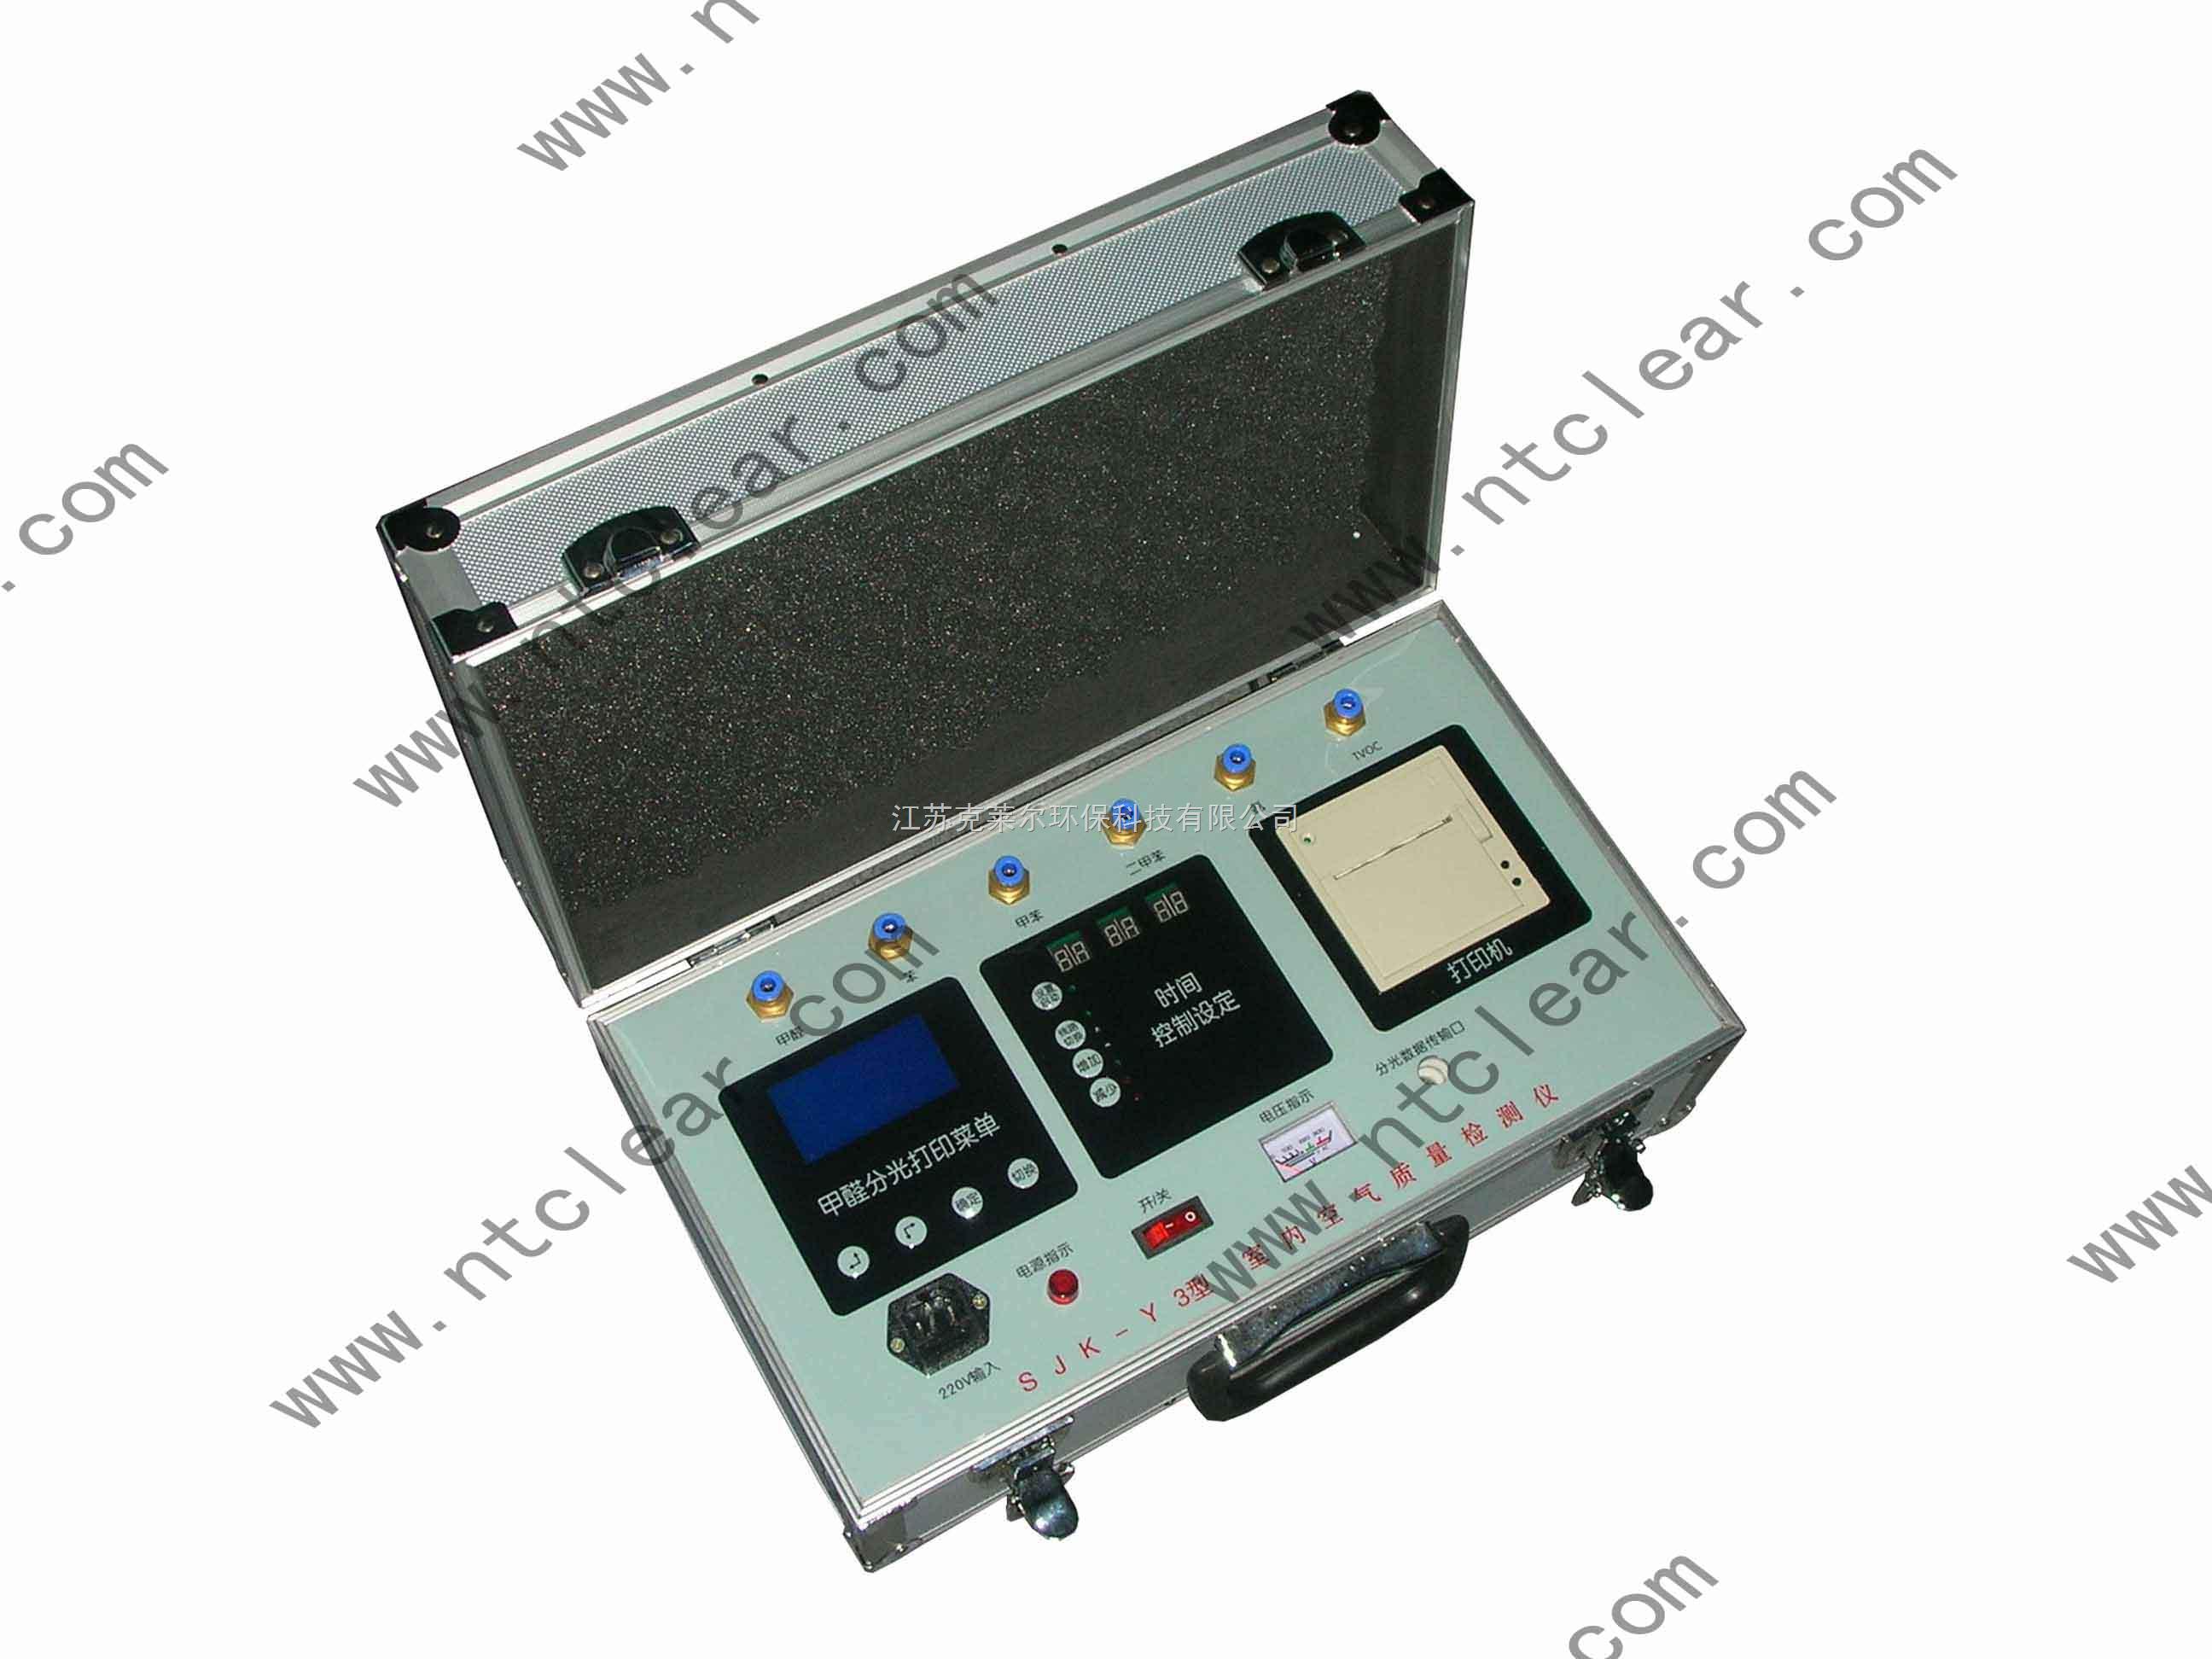 天津厂家低价批发zui新款便携式甲醛检测仪|装修污染检测仪